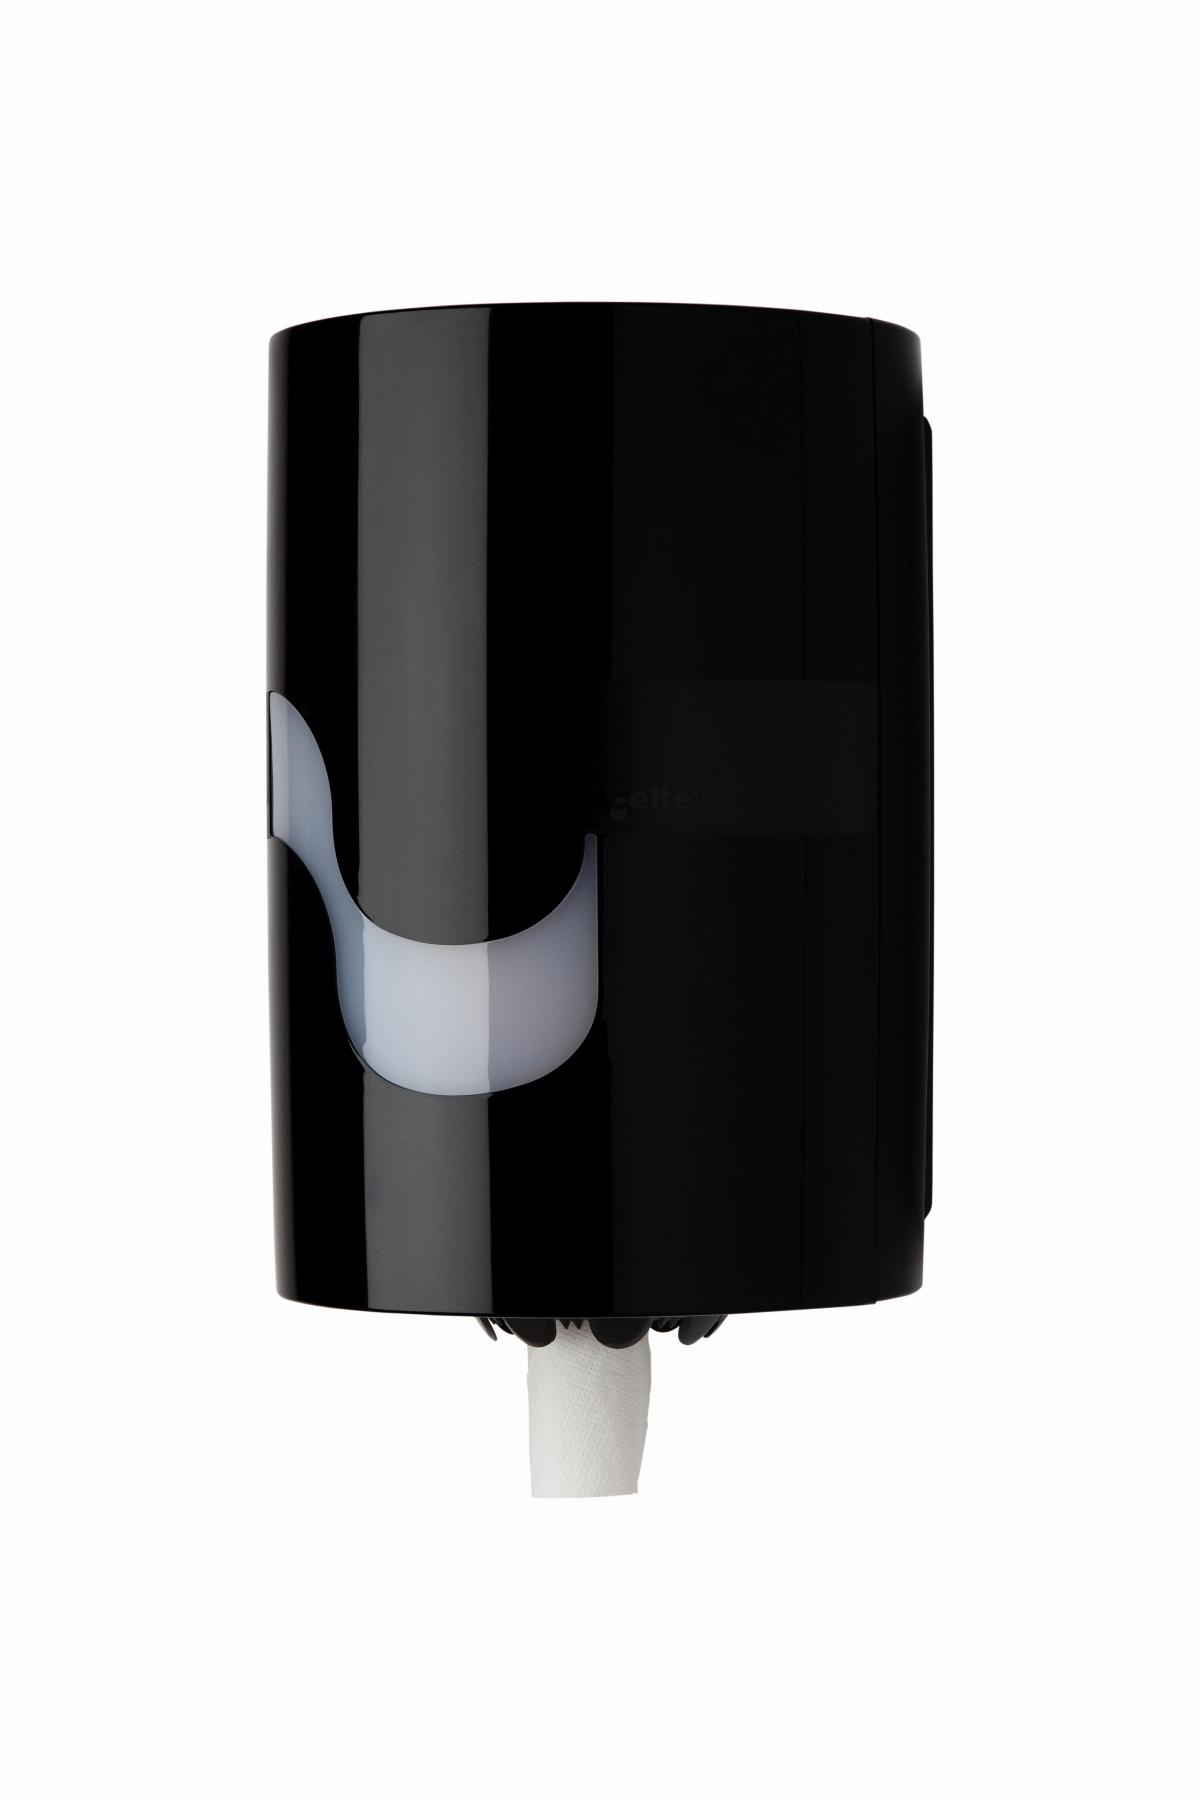 Handtuchrollenspender midi Box schwarz